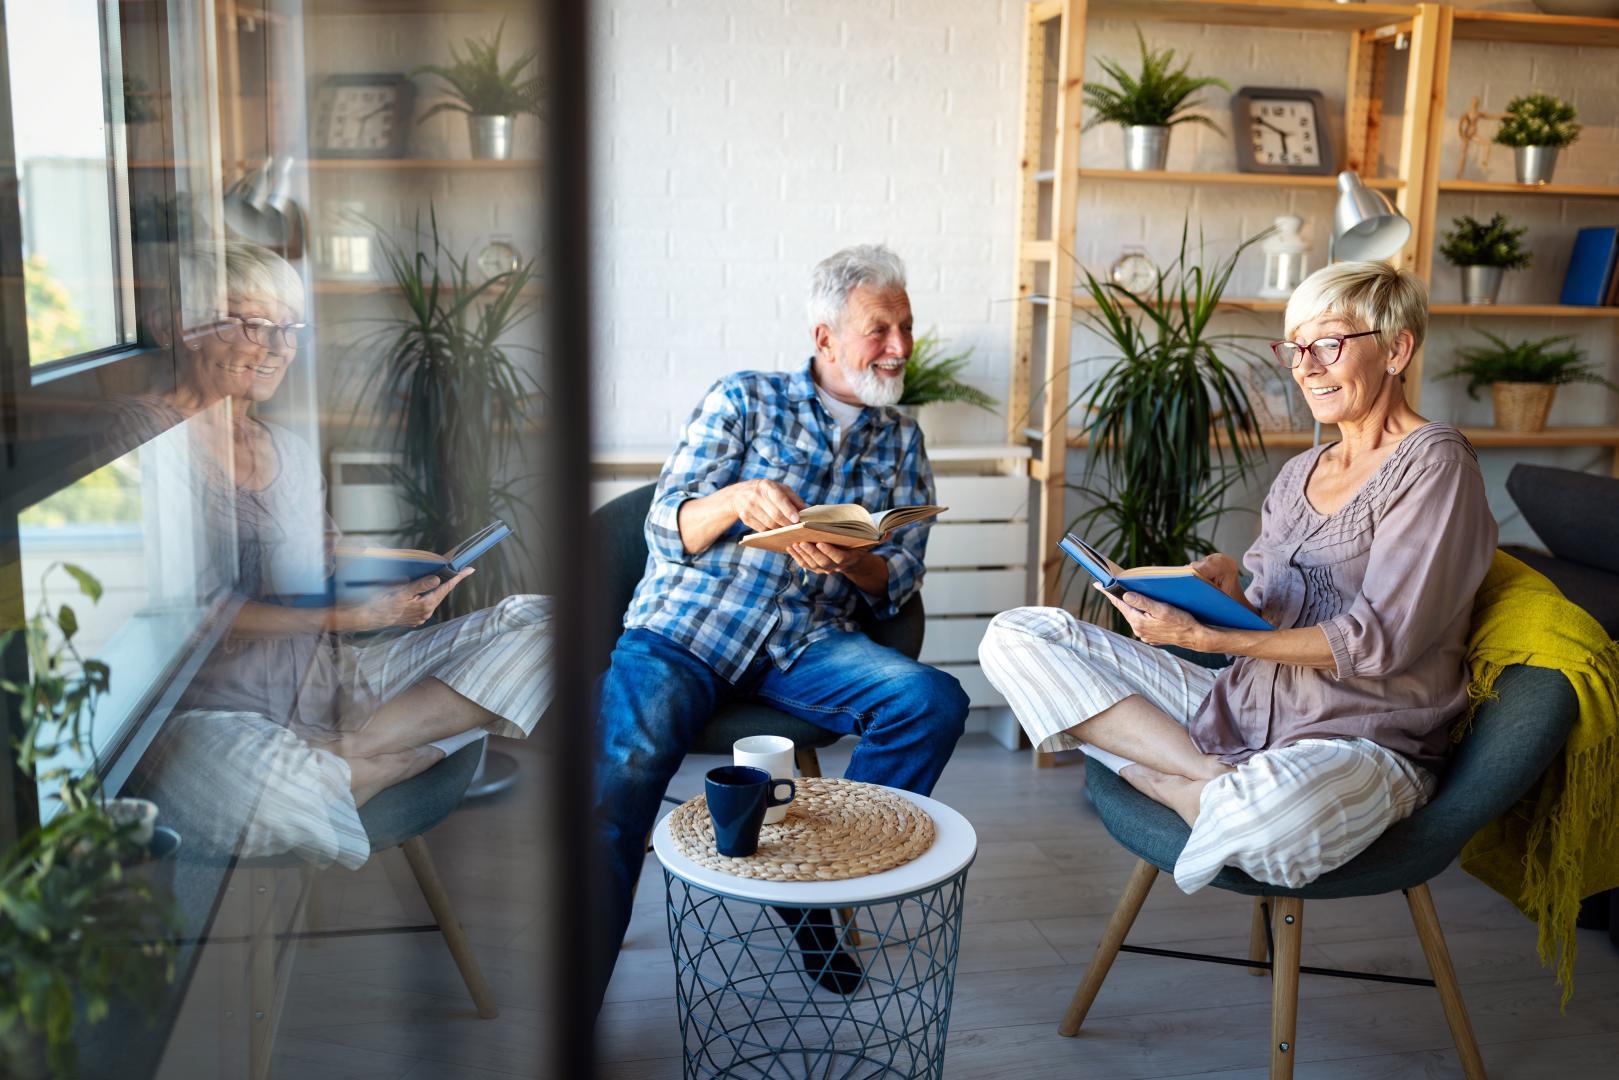 Reifes Paar sitzt gemütlich plaudernt im Wohnzimmer